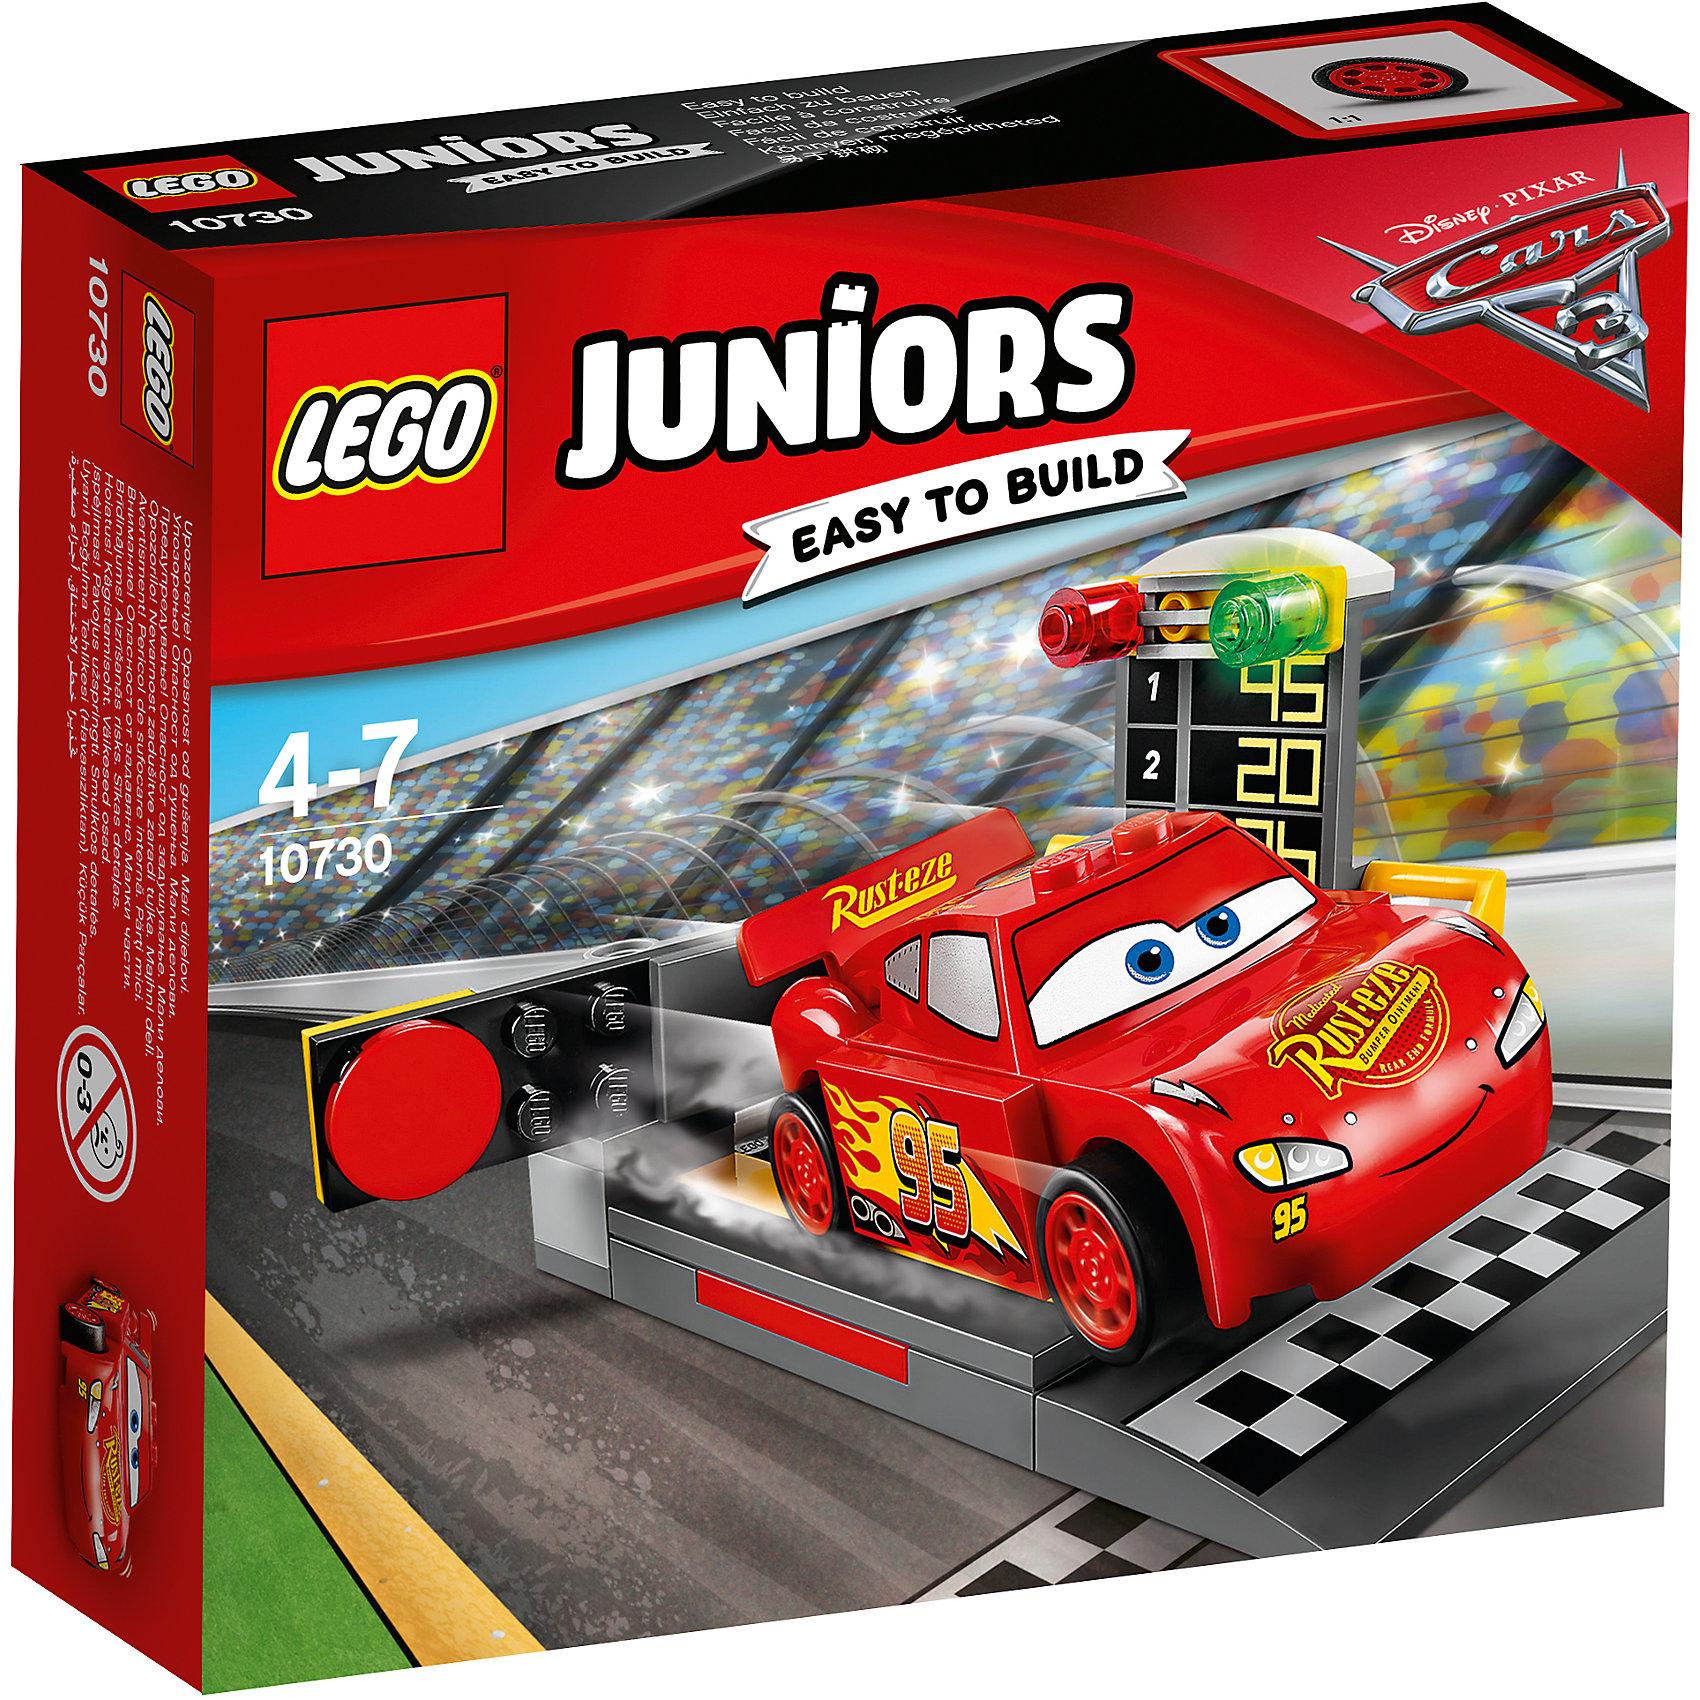 LEGO Juniors 10730: Устройство для запуска Молнии МакКуинаПластмассовые конструкторы<br><br><br>Ширина мм: 157<br>Глубина мм: 141<br>Высота мм: 45<br>Вес г: 120<br>Возраст от месяцев: 48<br>Возраст до месяцев: 84<br>Пол: Мужской<br>Возраст: Детский<br>SKU: 5620064